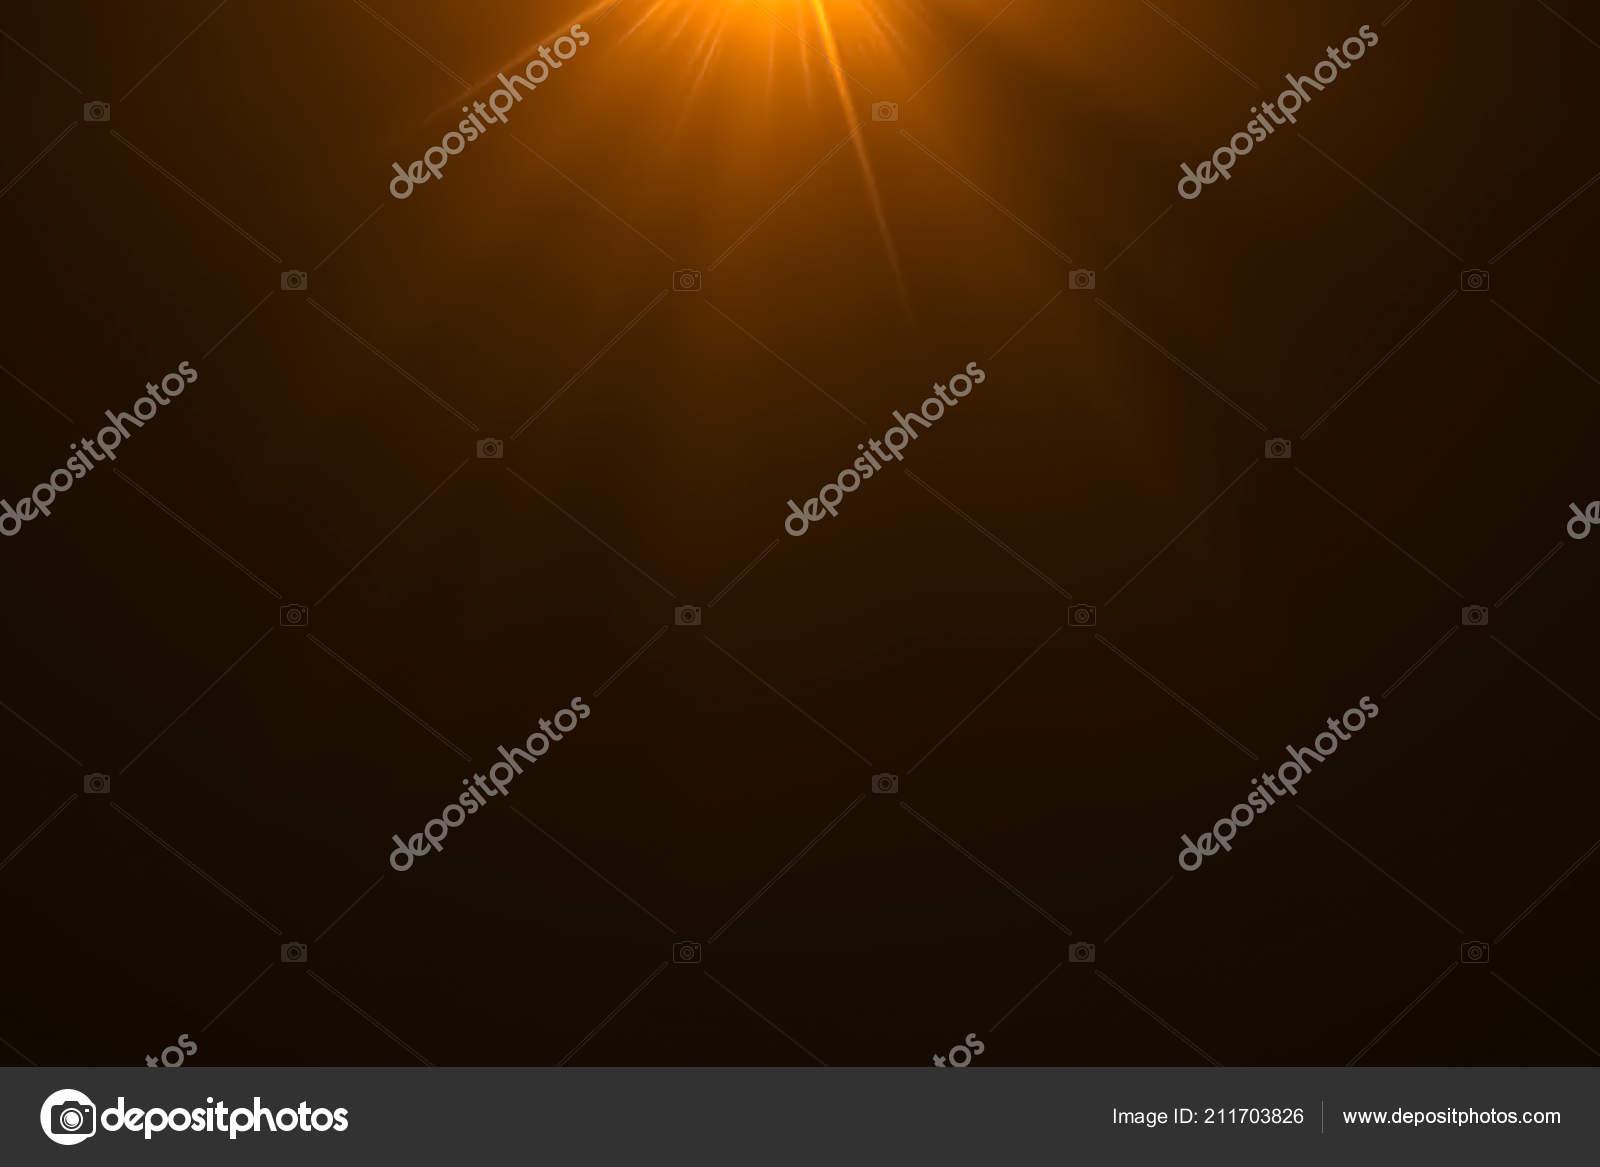 Gouden warme kleur lichtsterke lens flare stralen lichtflitsen lek